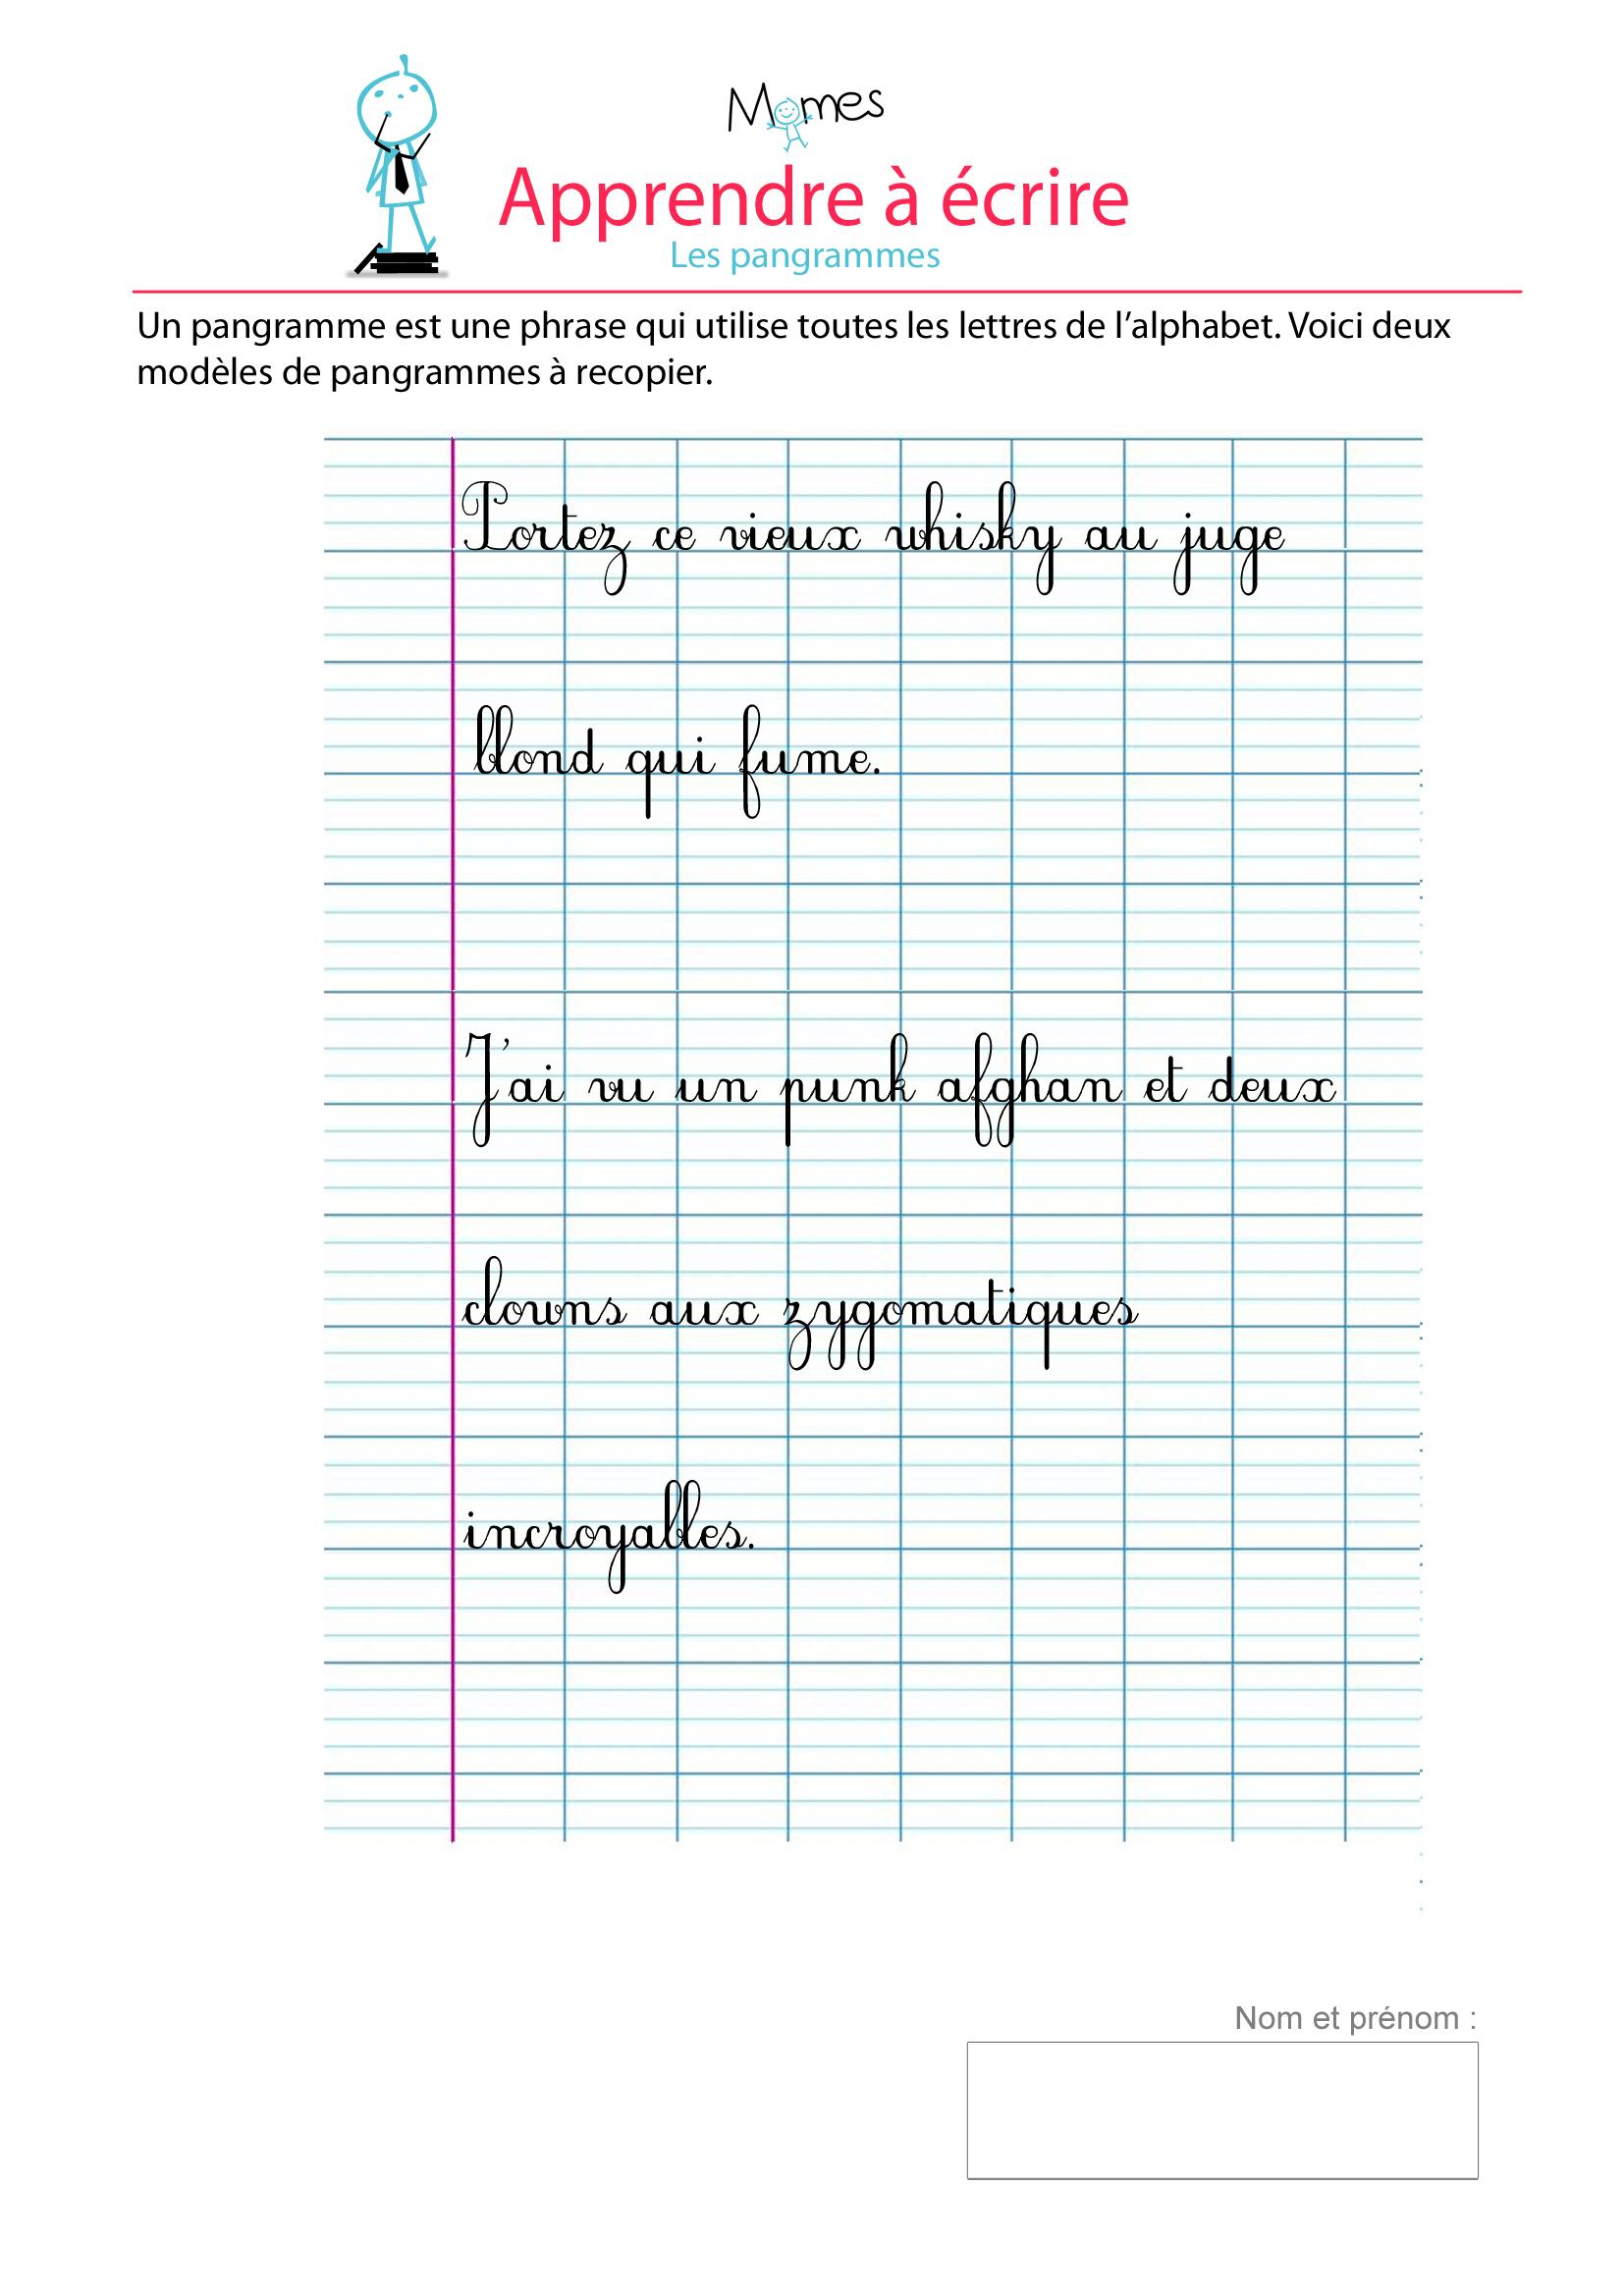 Pangrammes - Exercice De Modèle D'écriture - Momes à Feuille D Ecriture Maternelle À Imprimer